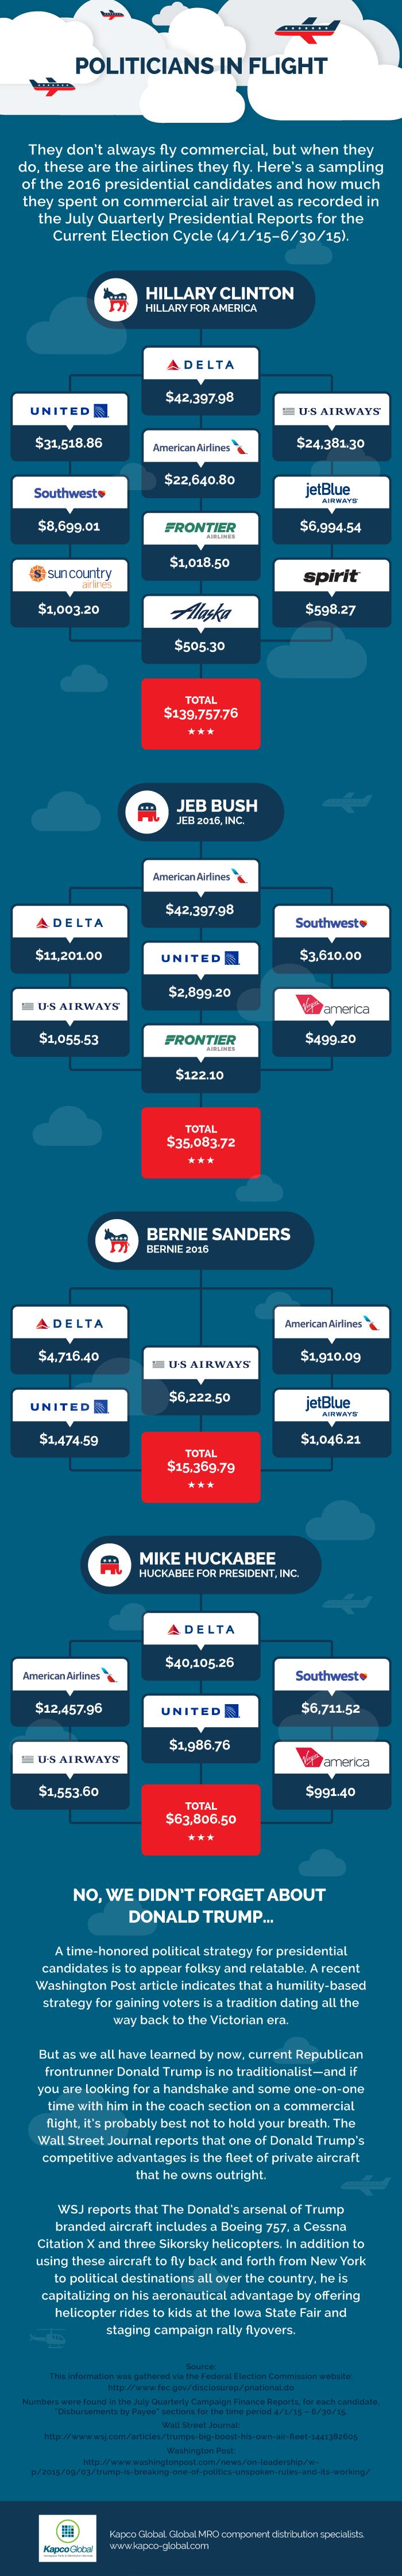 Politicians in Flight